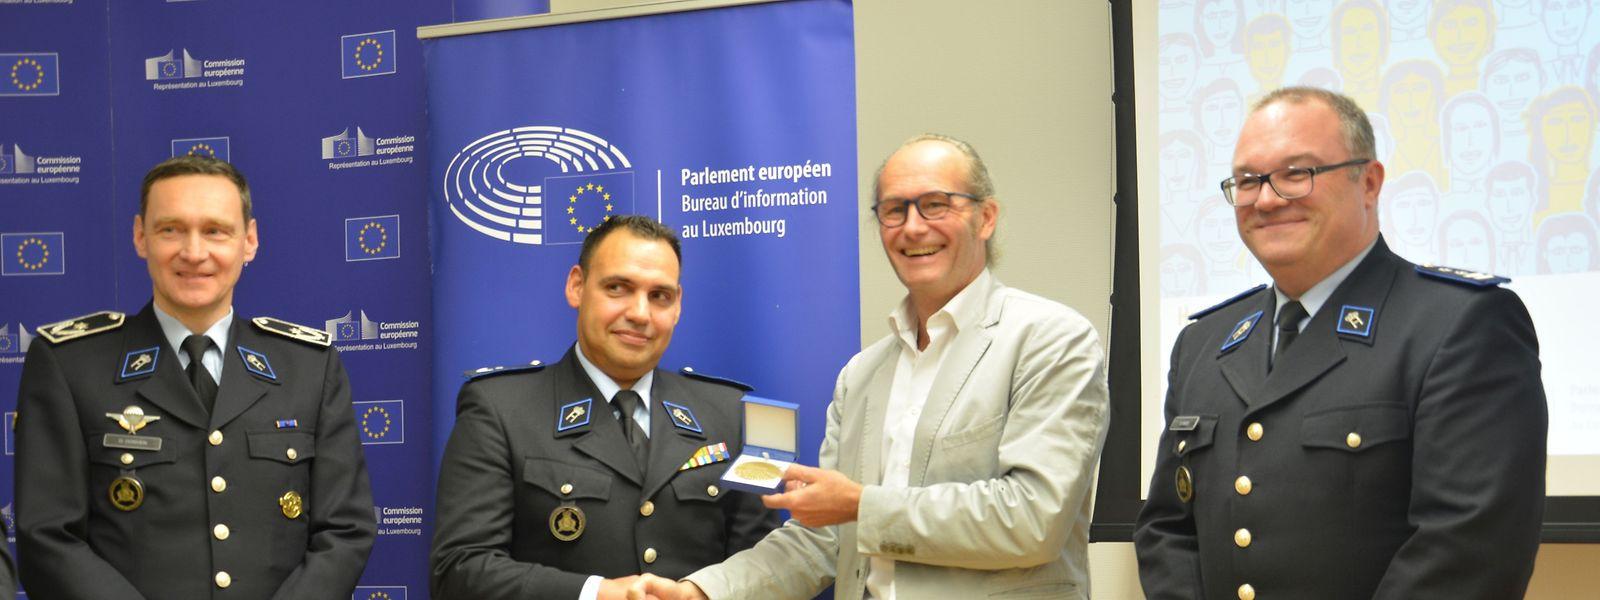 O eurodeputado luxemburguês Claude Turmes entregou o prémio a Davide Sousa.